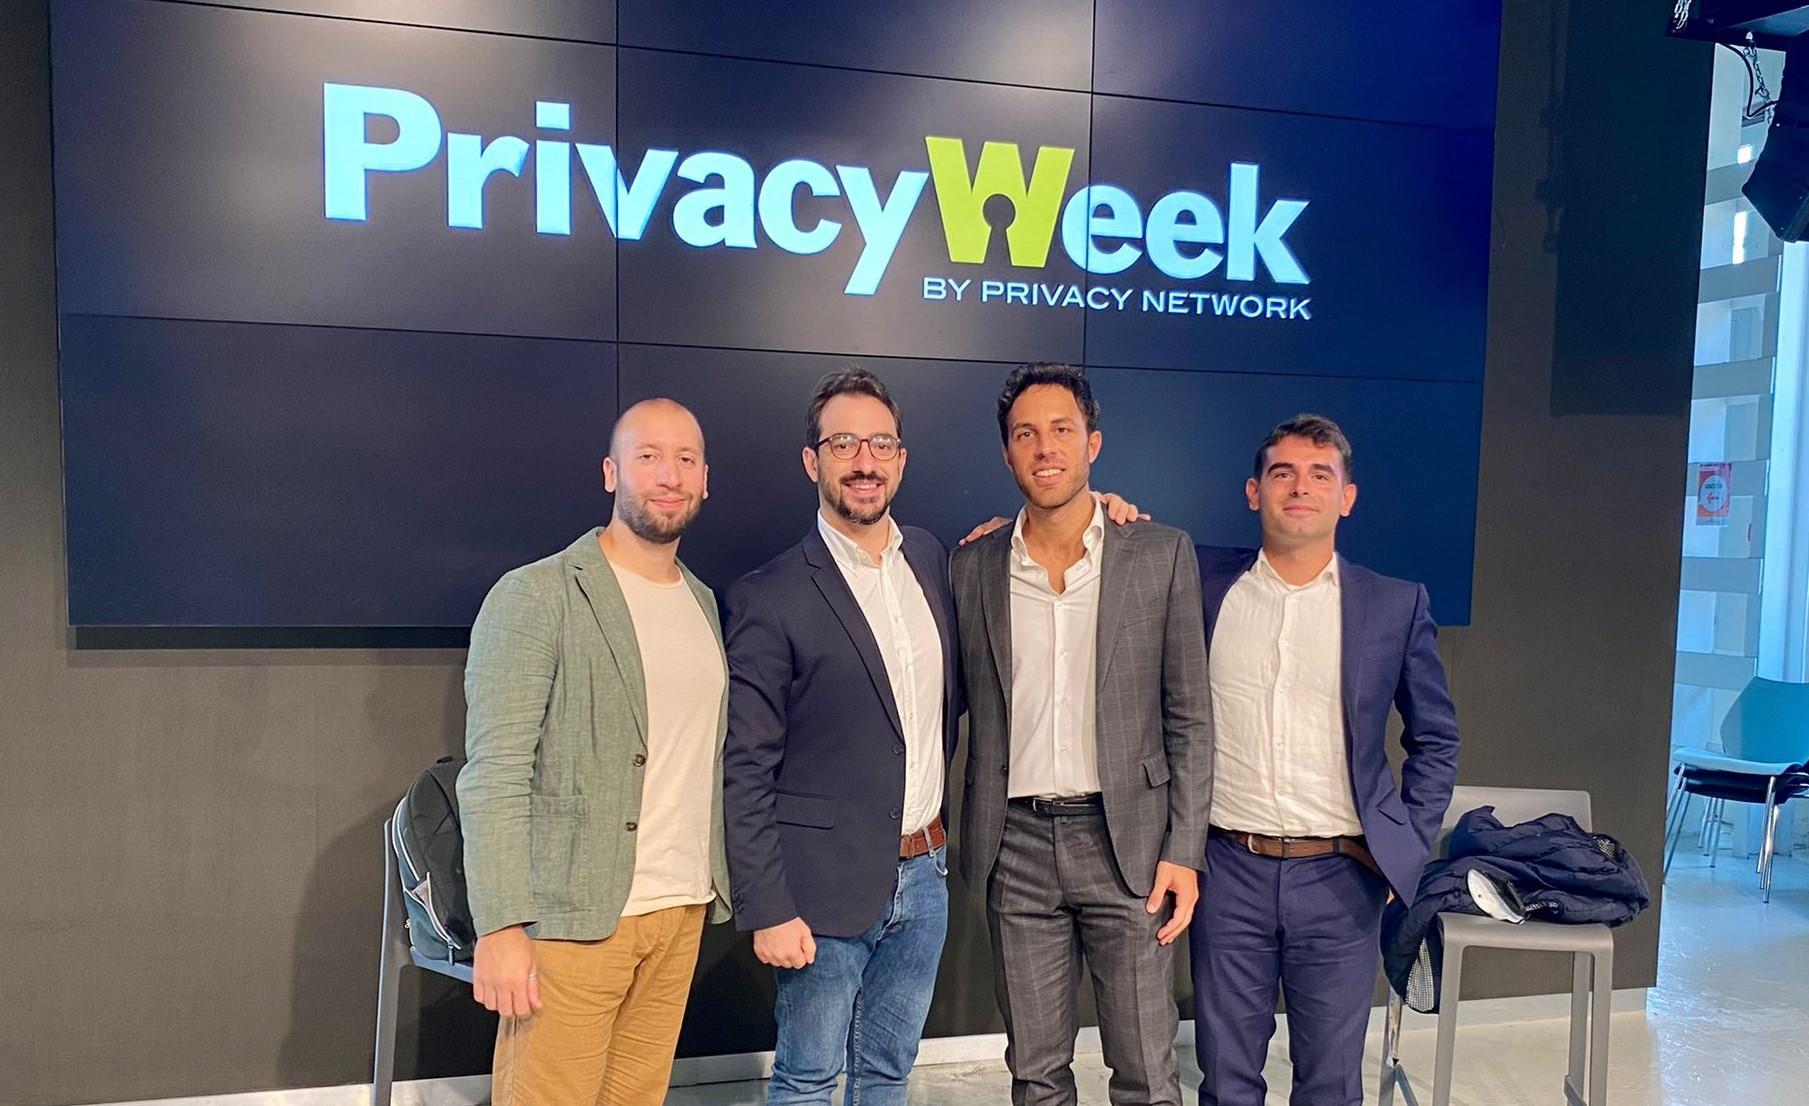 nasce-la-privacy-week:-un-viaggio-tra-diritti-e-identita-digitale